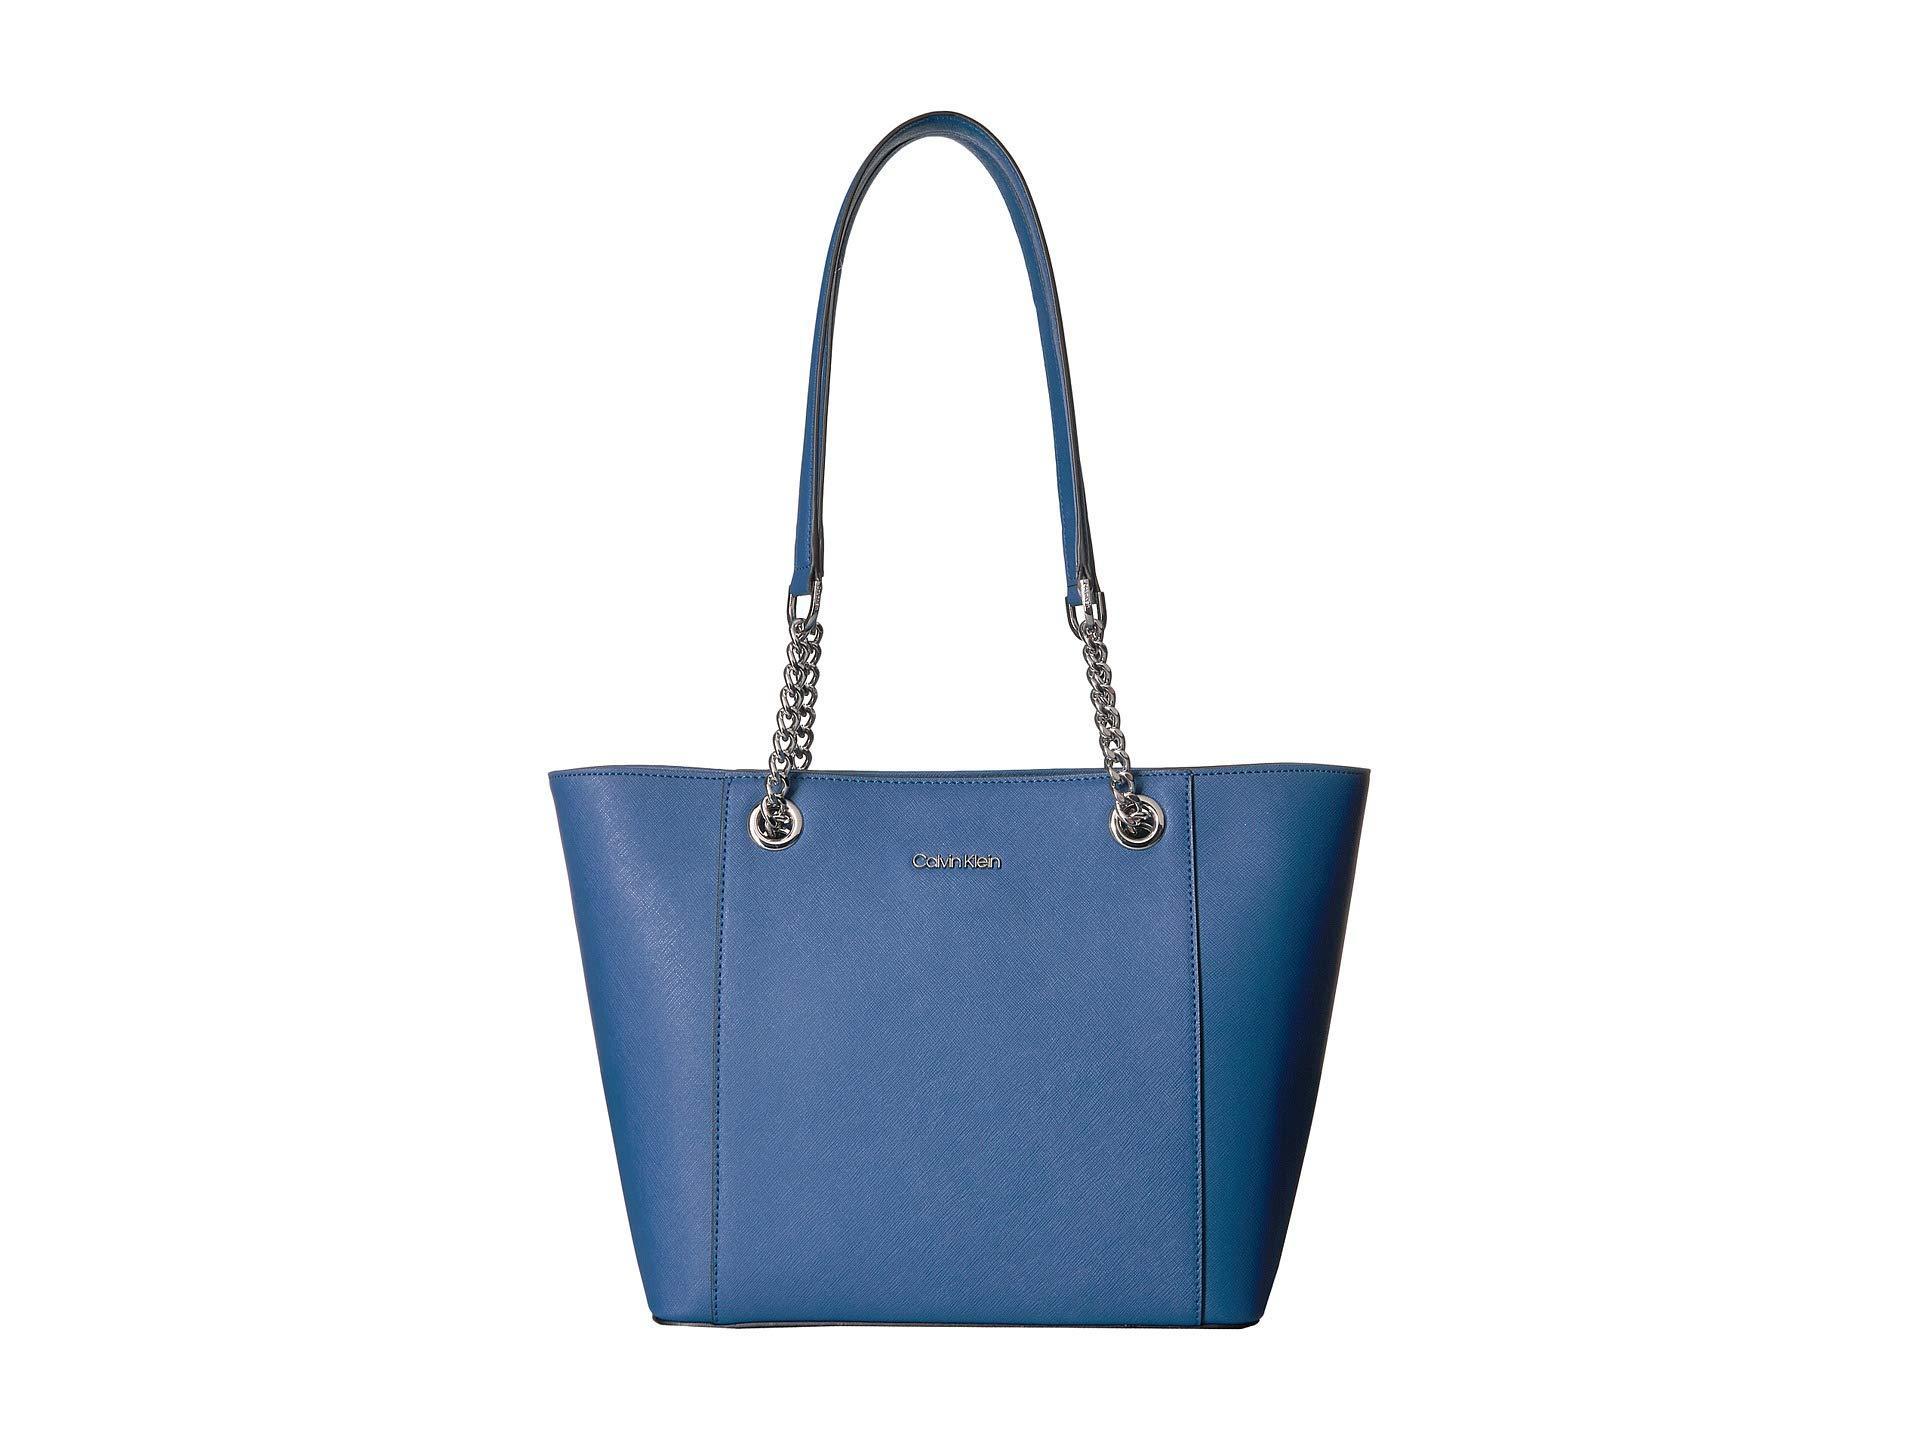 2cf2315edc Calvin Klein Saffiano Tote (seaport) Tote Handbags in Blue - Lyst